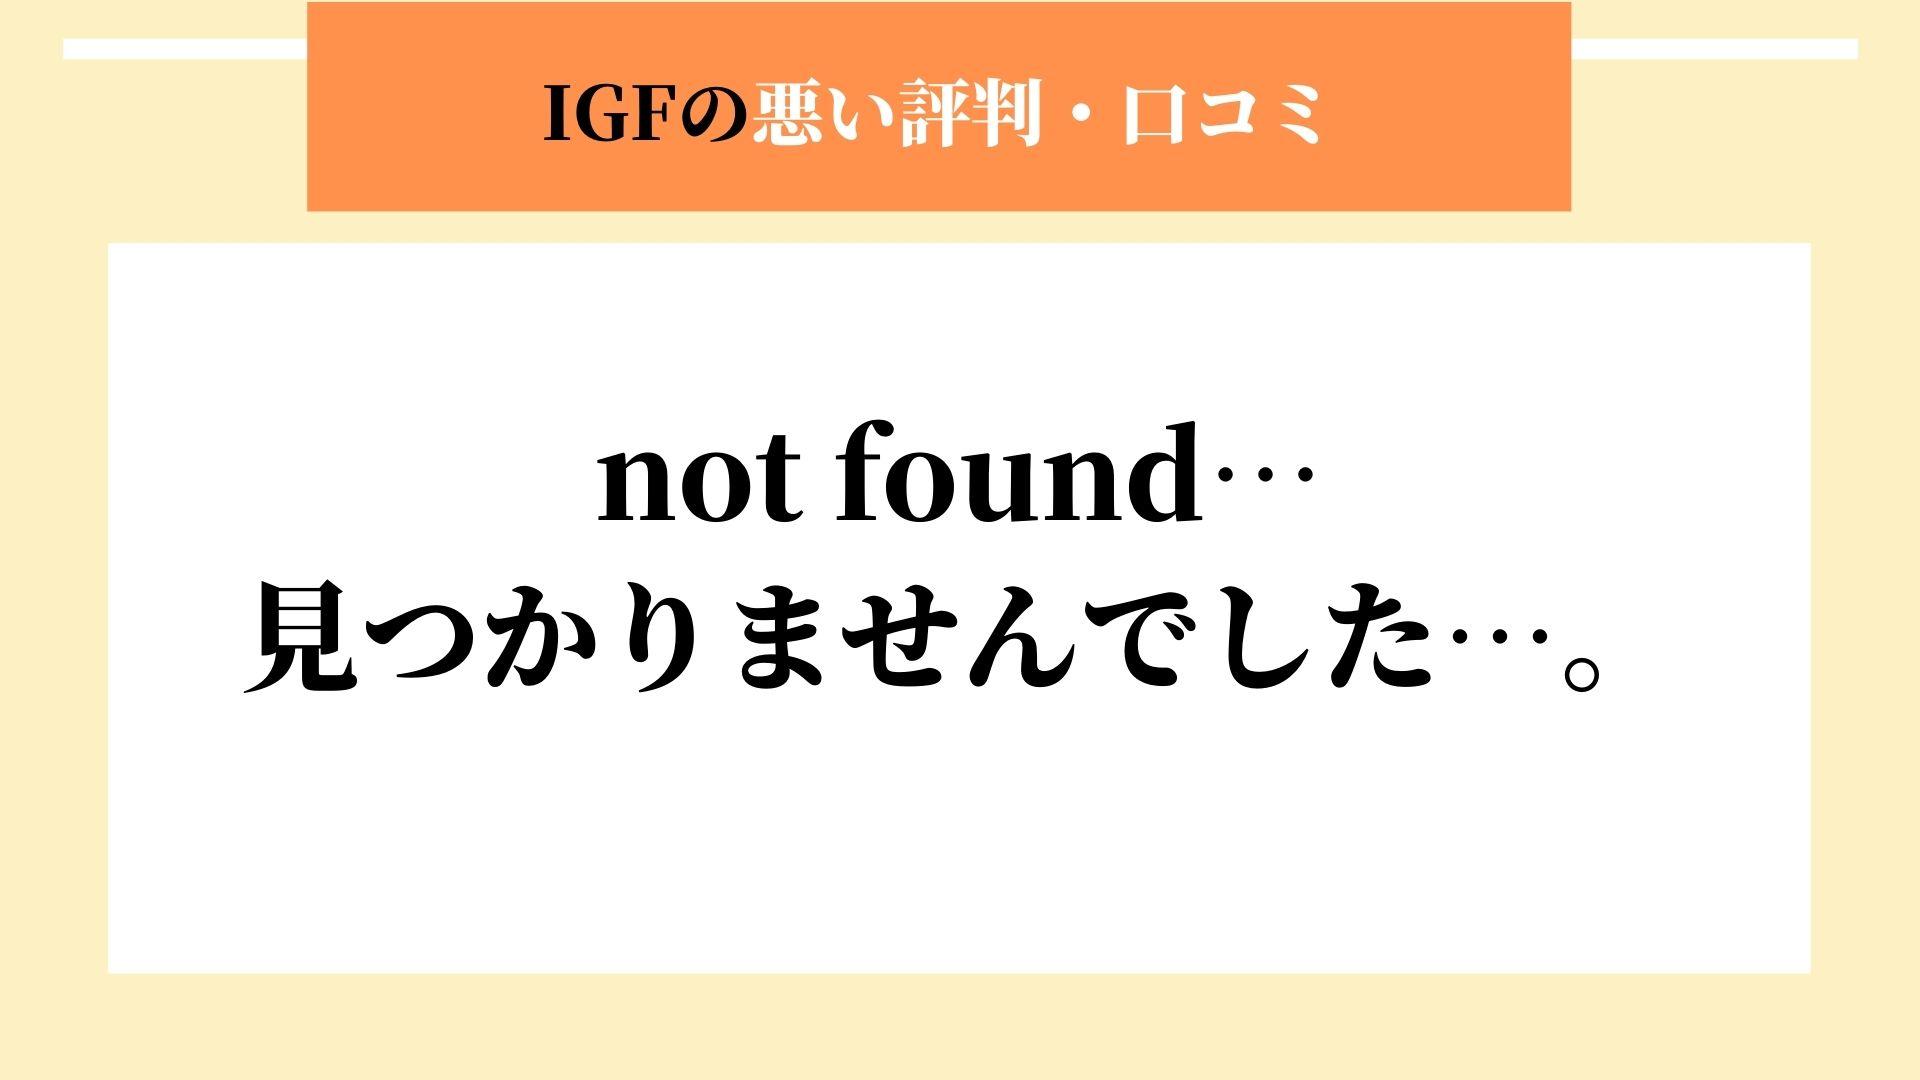 IGF 悪い評判